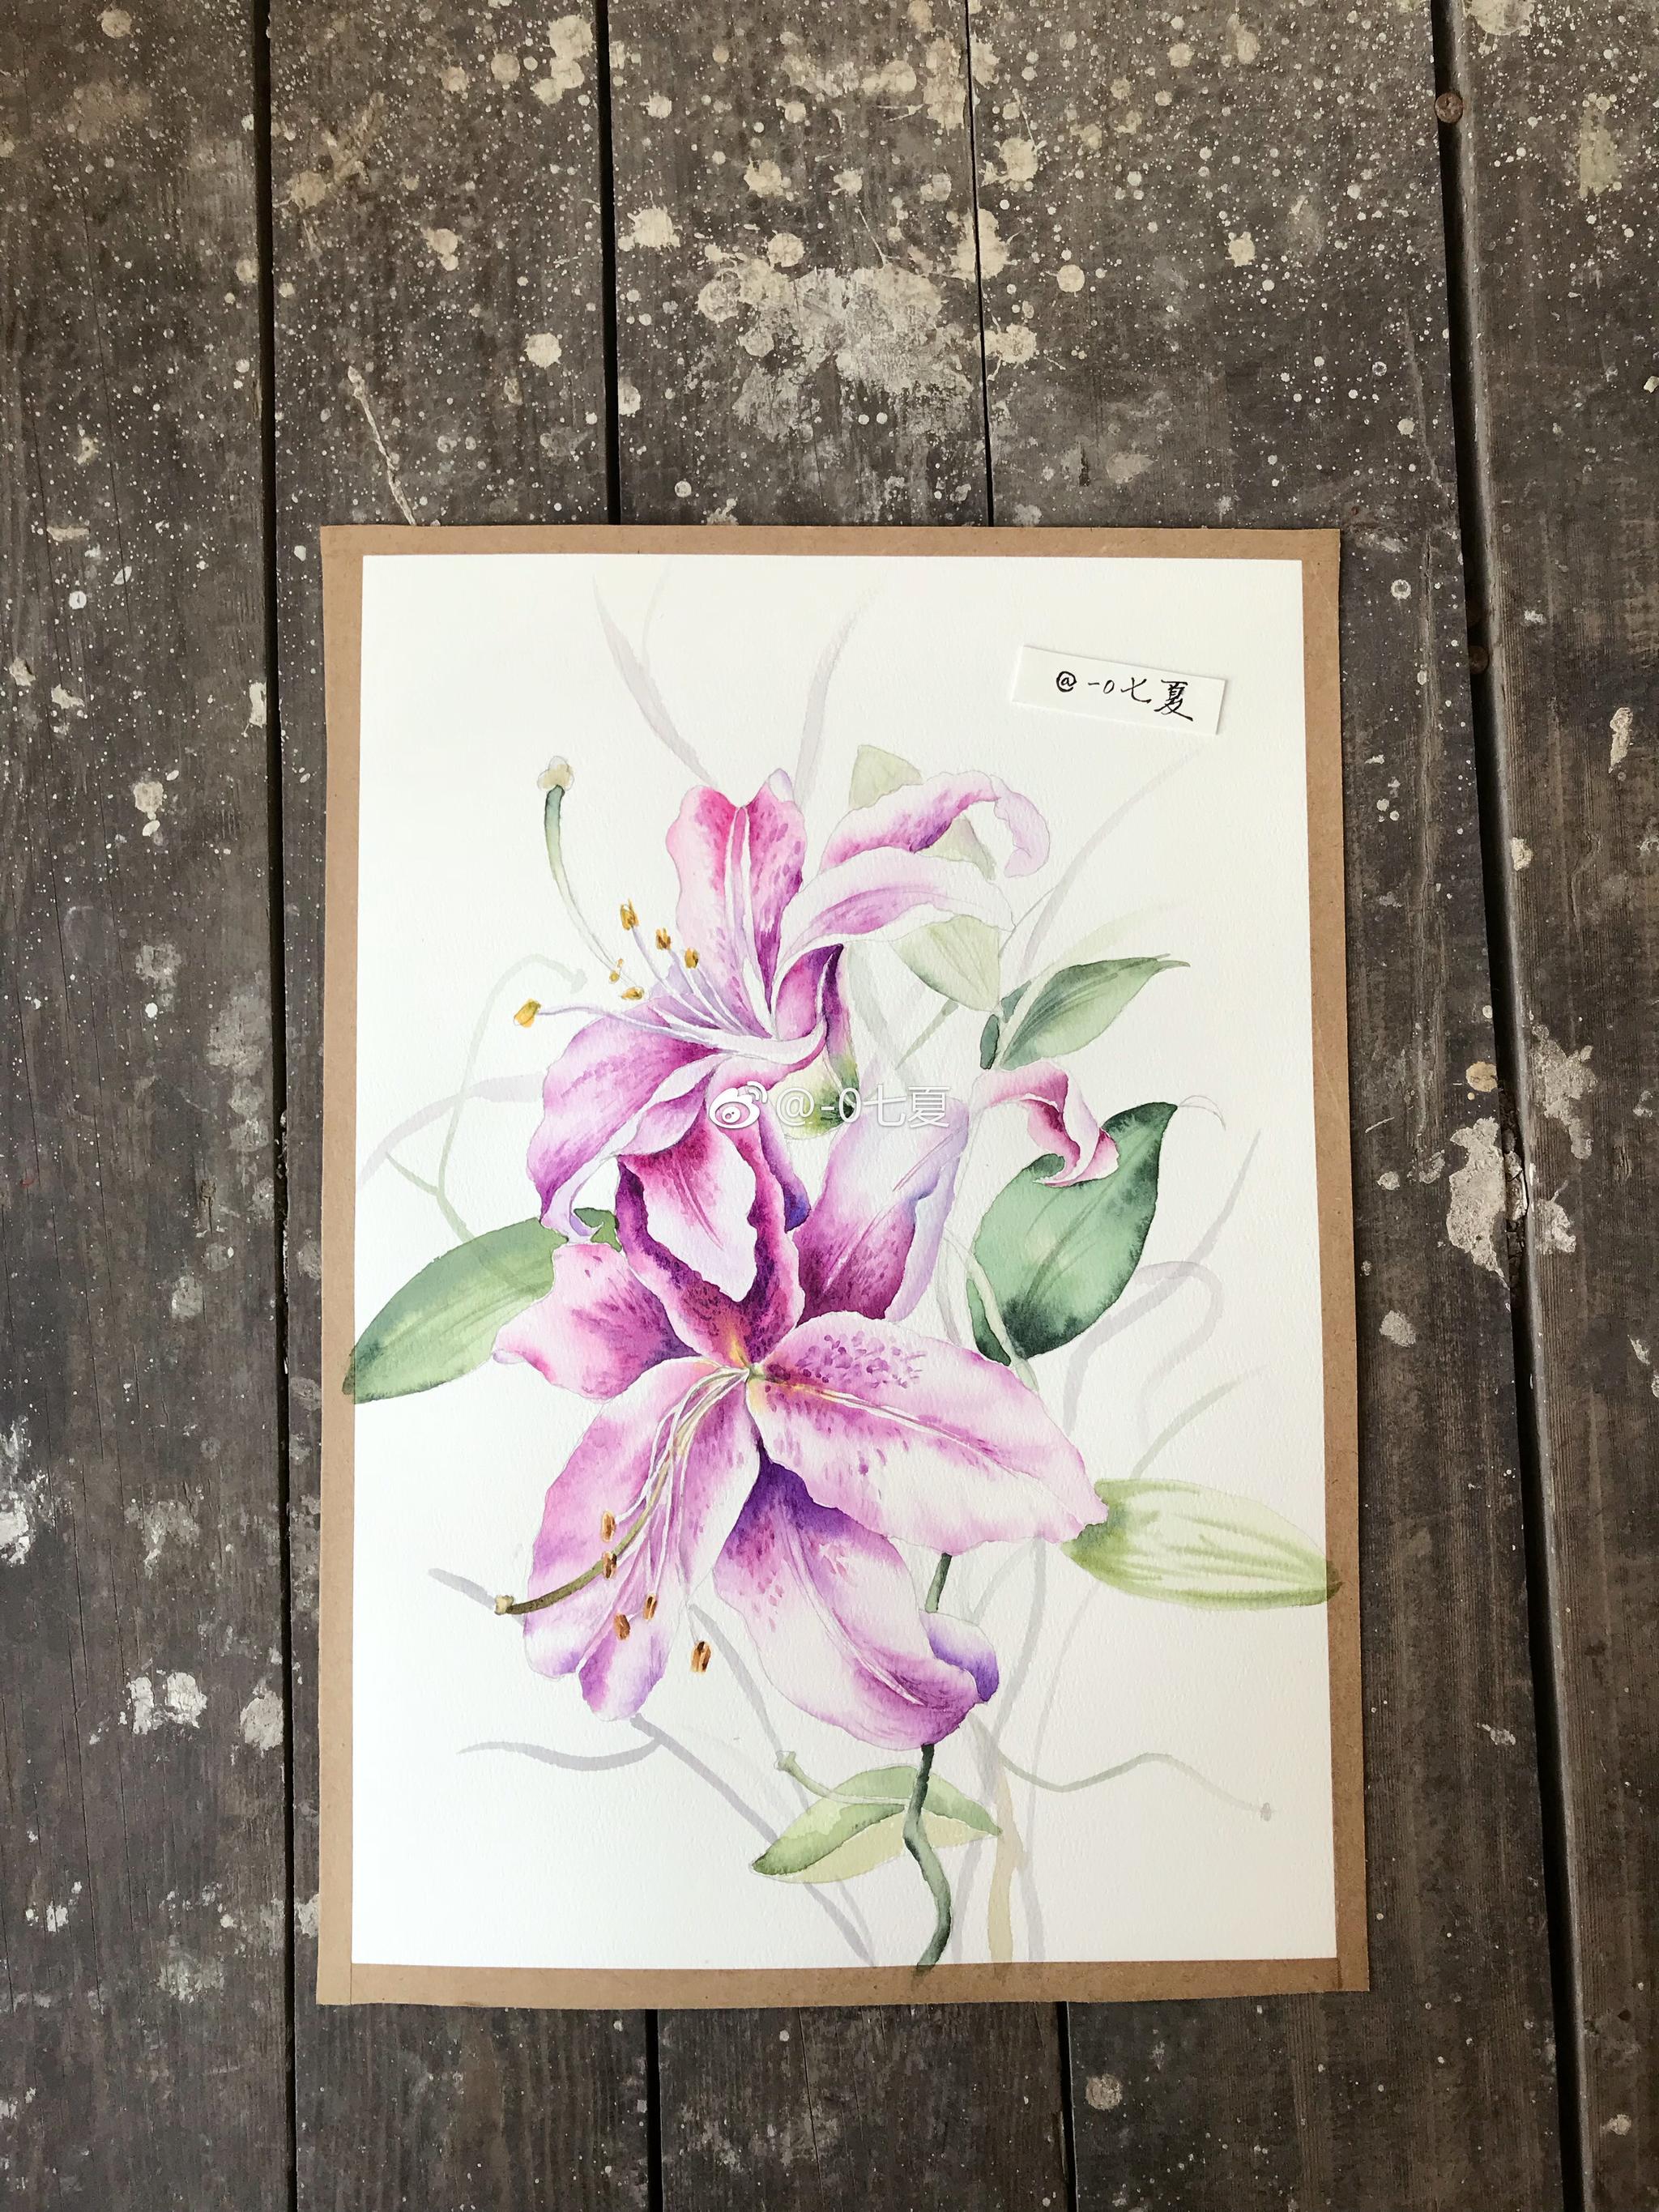 发几个前段时间的花卉作品,向日葵,月季,玉兰花,鸢尾花,百合花图片